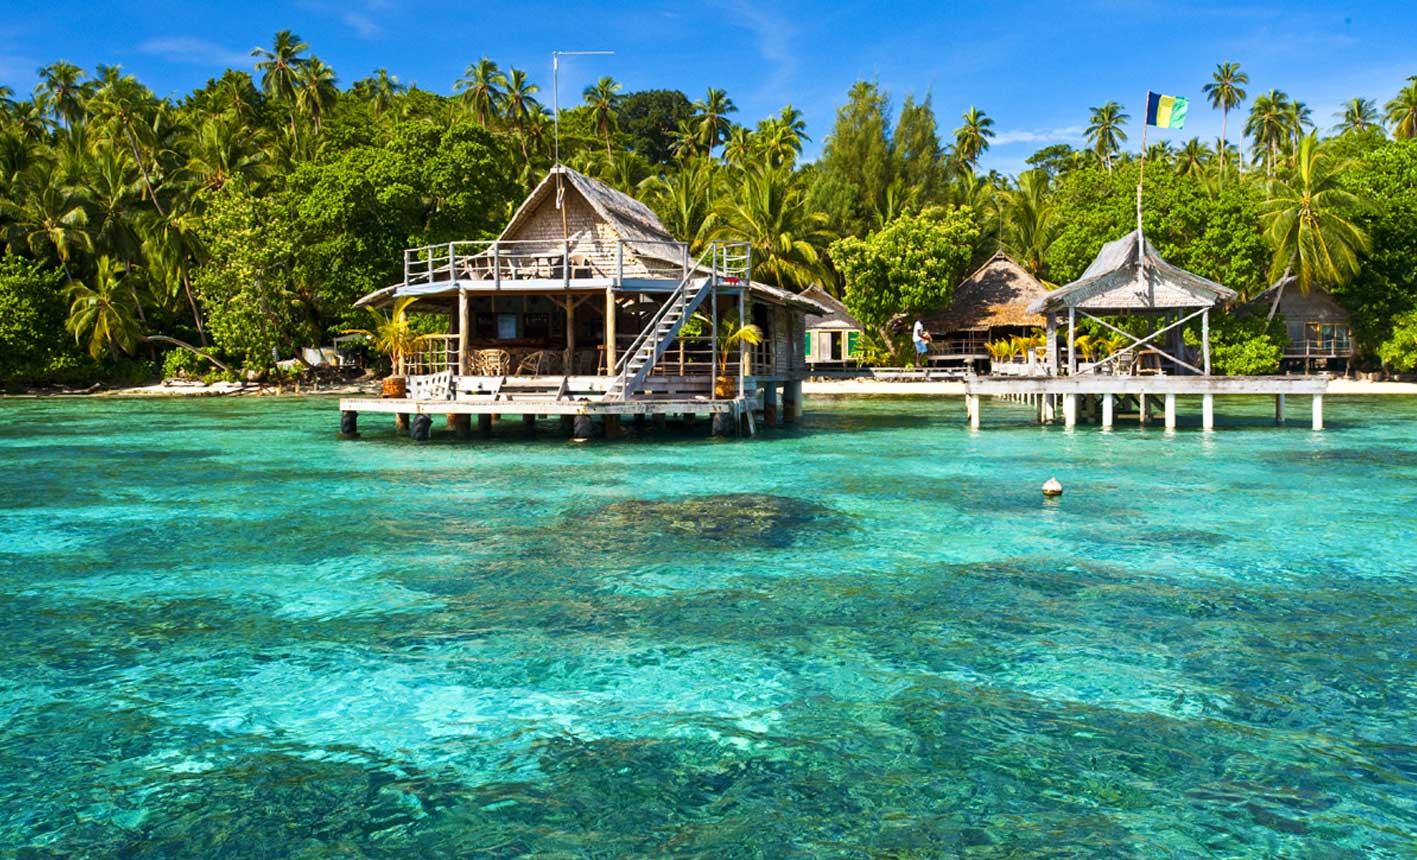 Solomon islands water